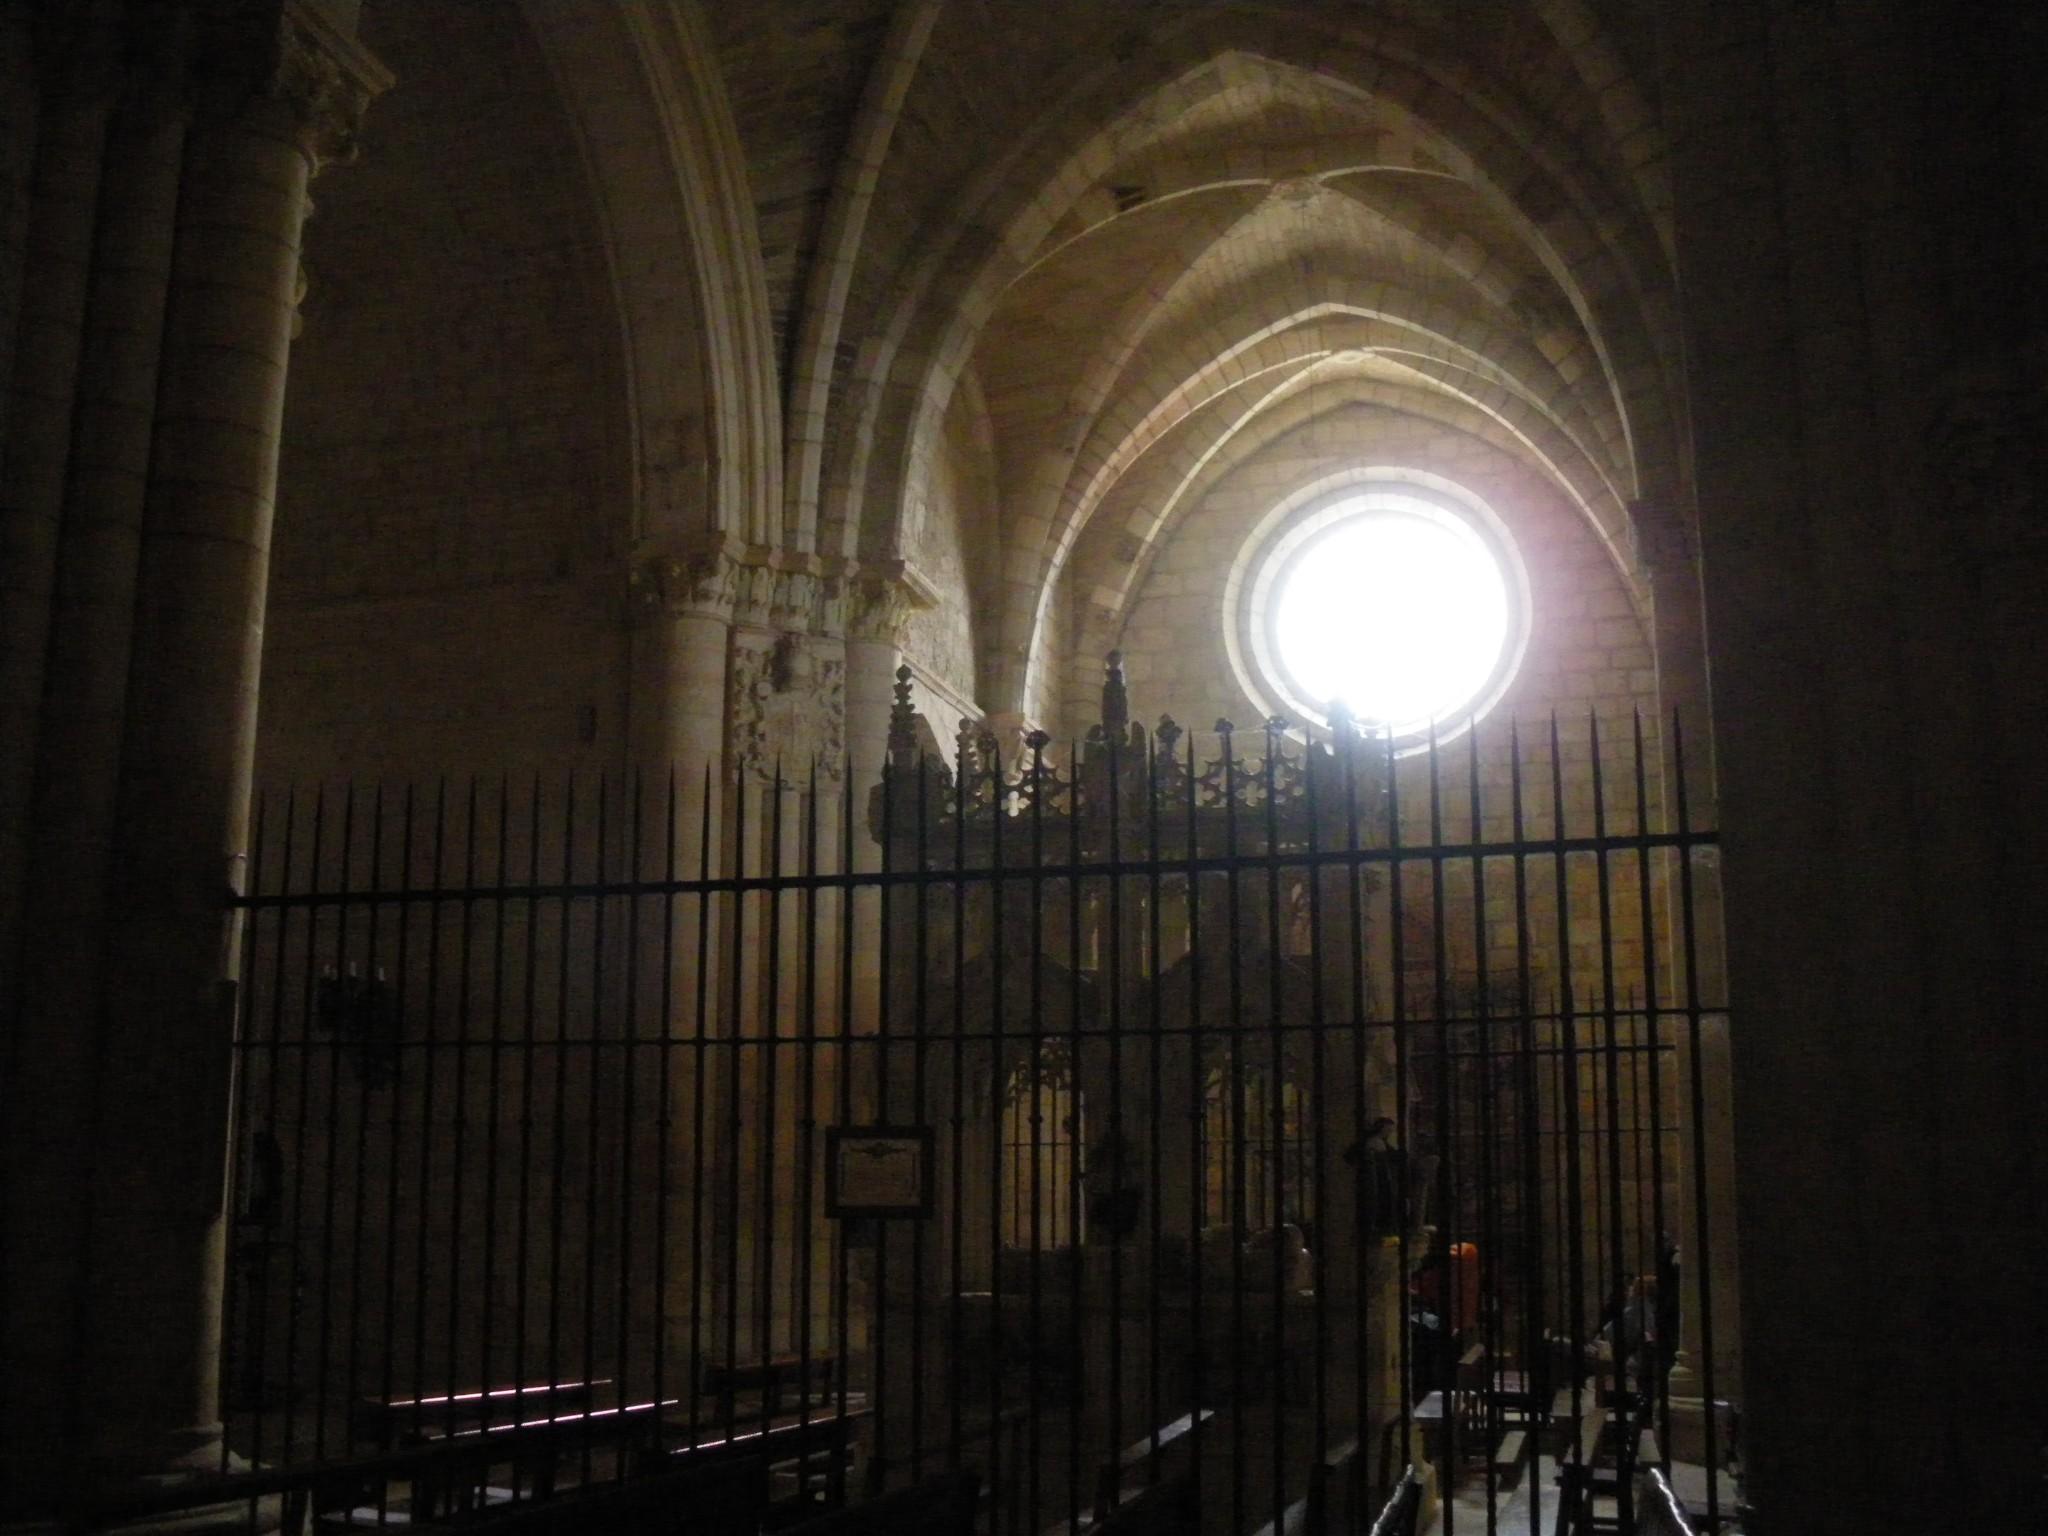 El milagro de la luz, art romànic, Camino de Santiago